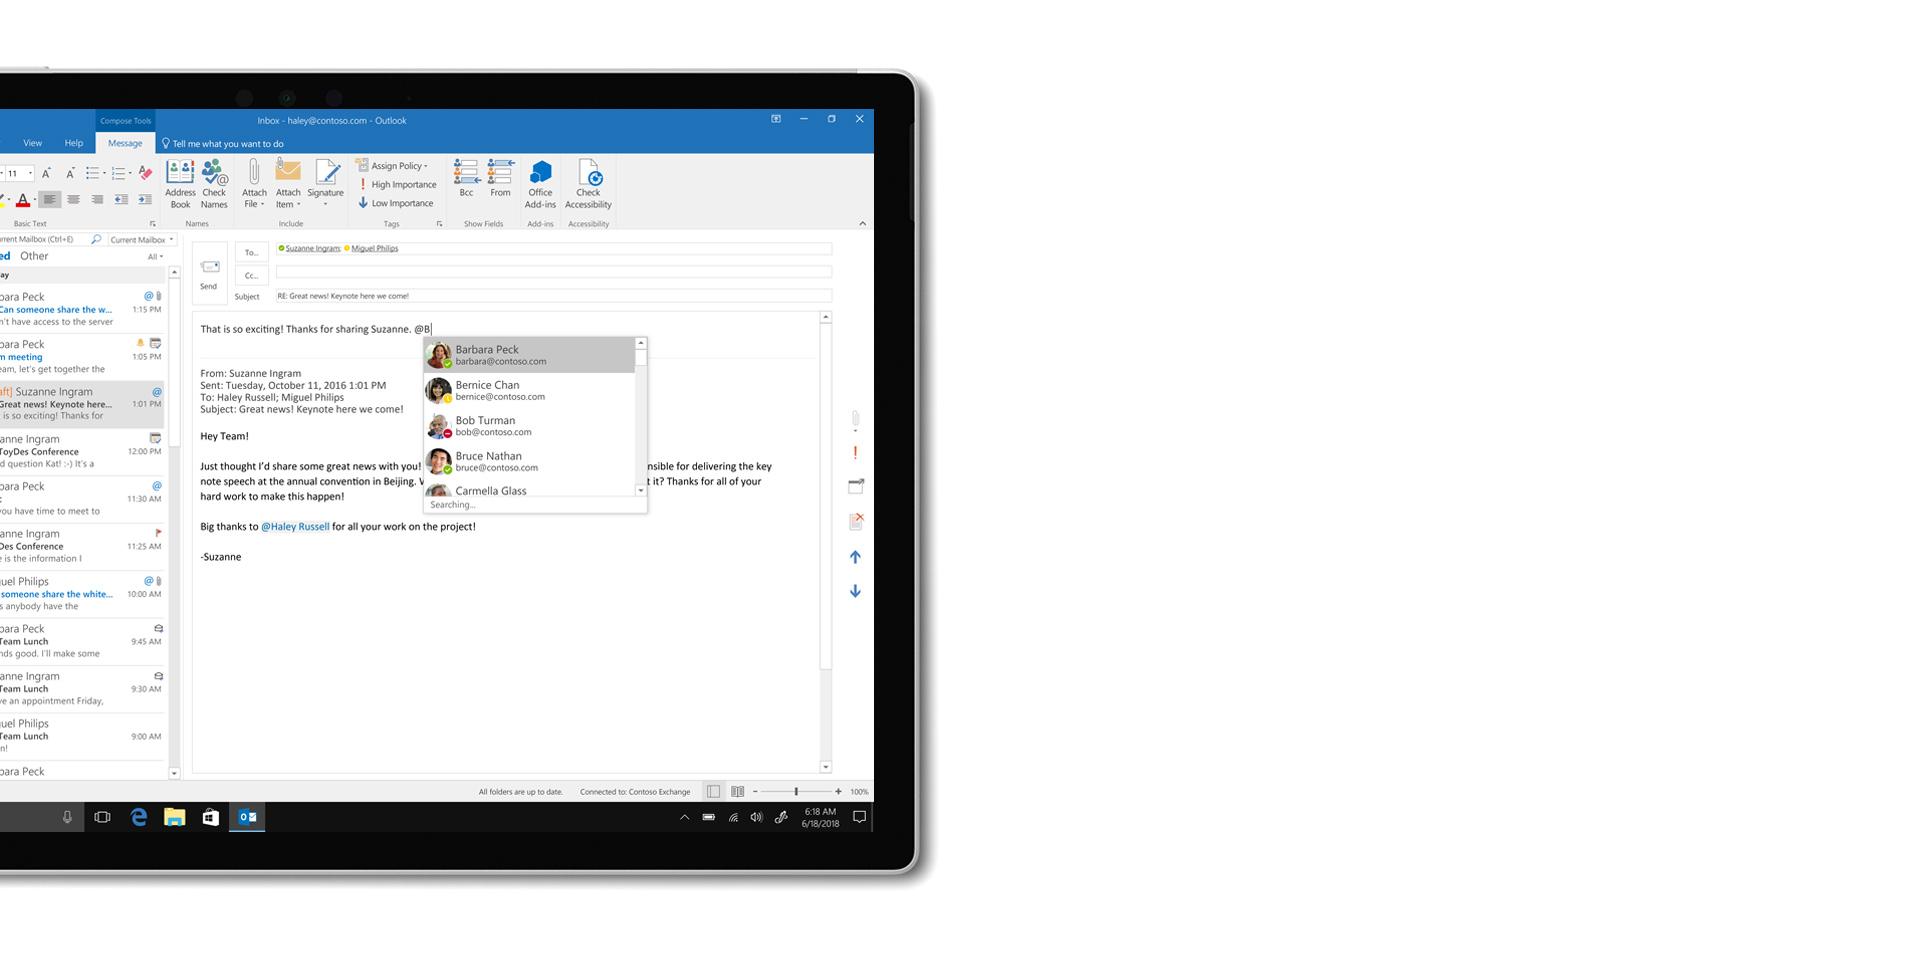 Outlook-appen visas på skärmen av Surface Book 2 med tangentbordet frånkopplat.